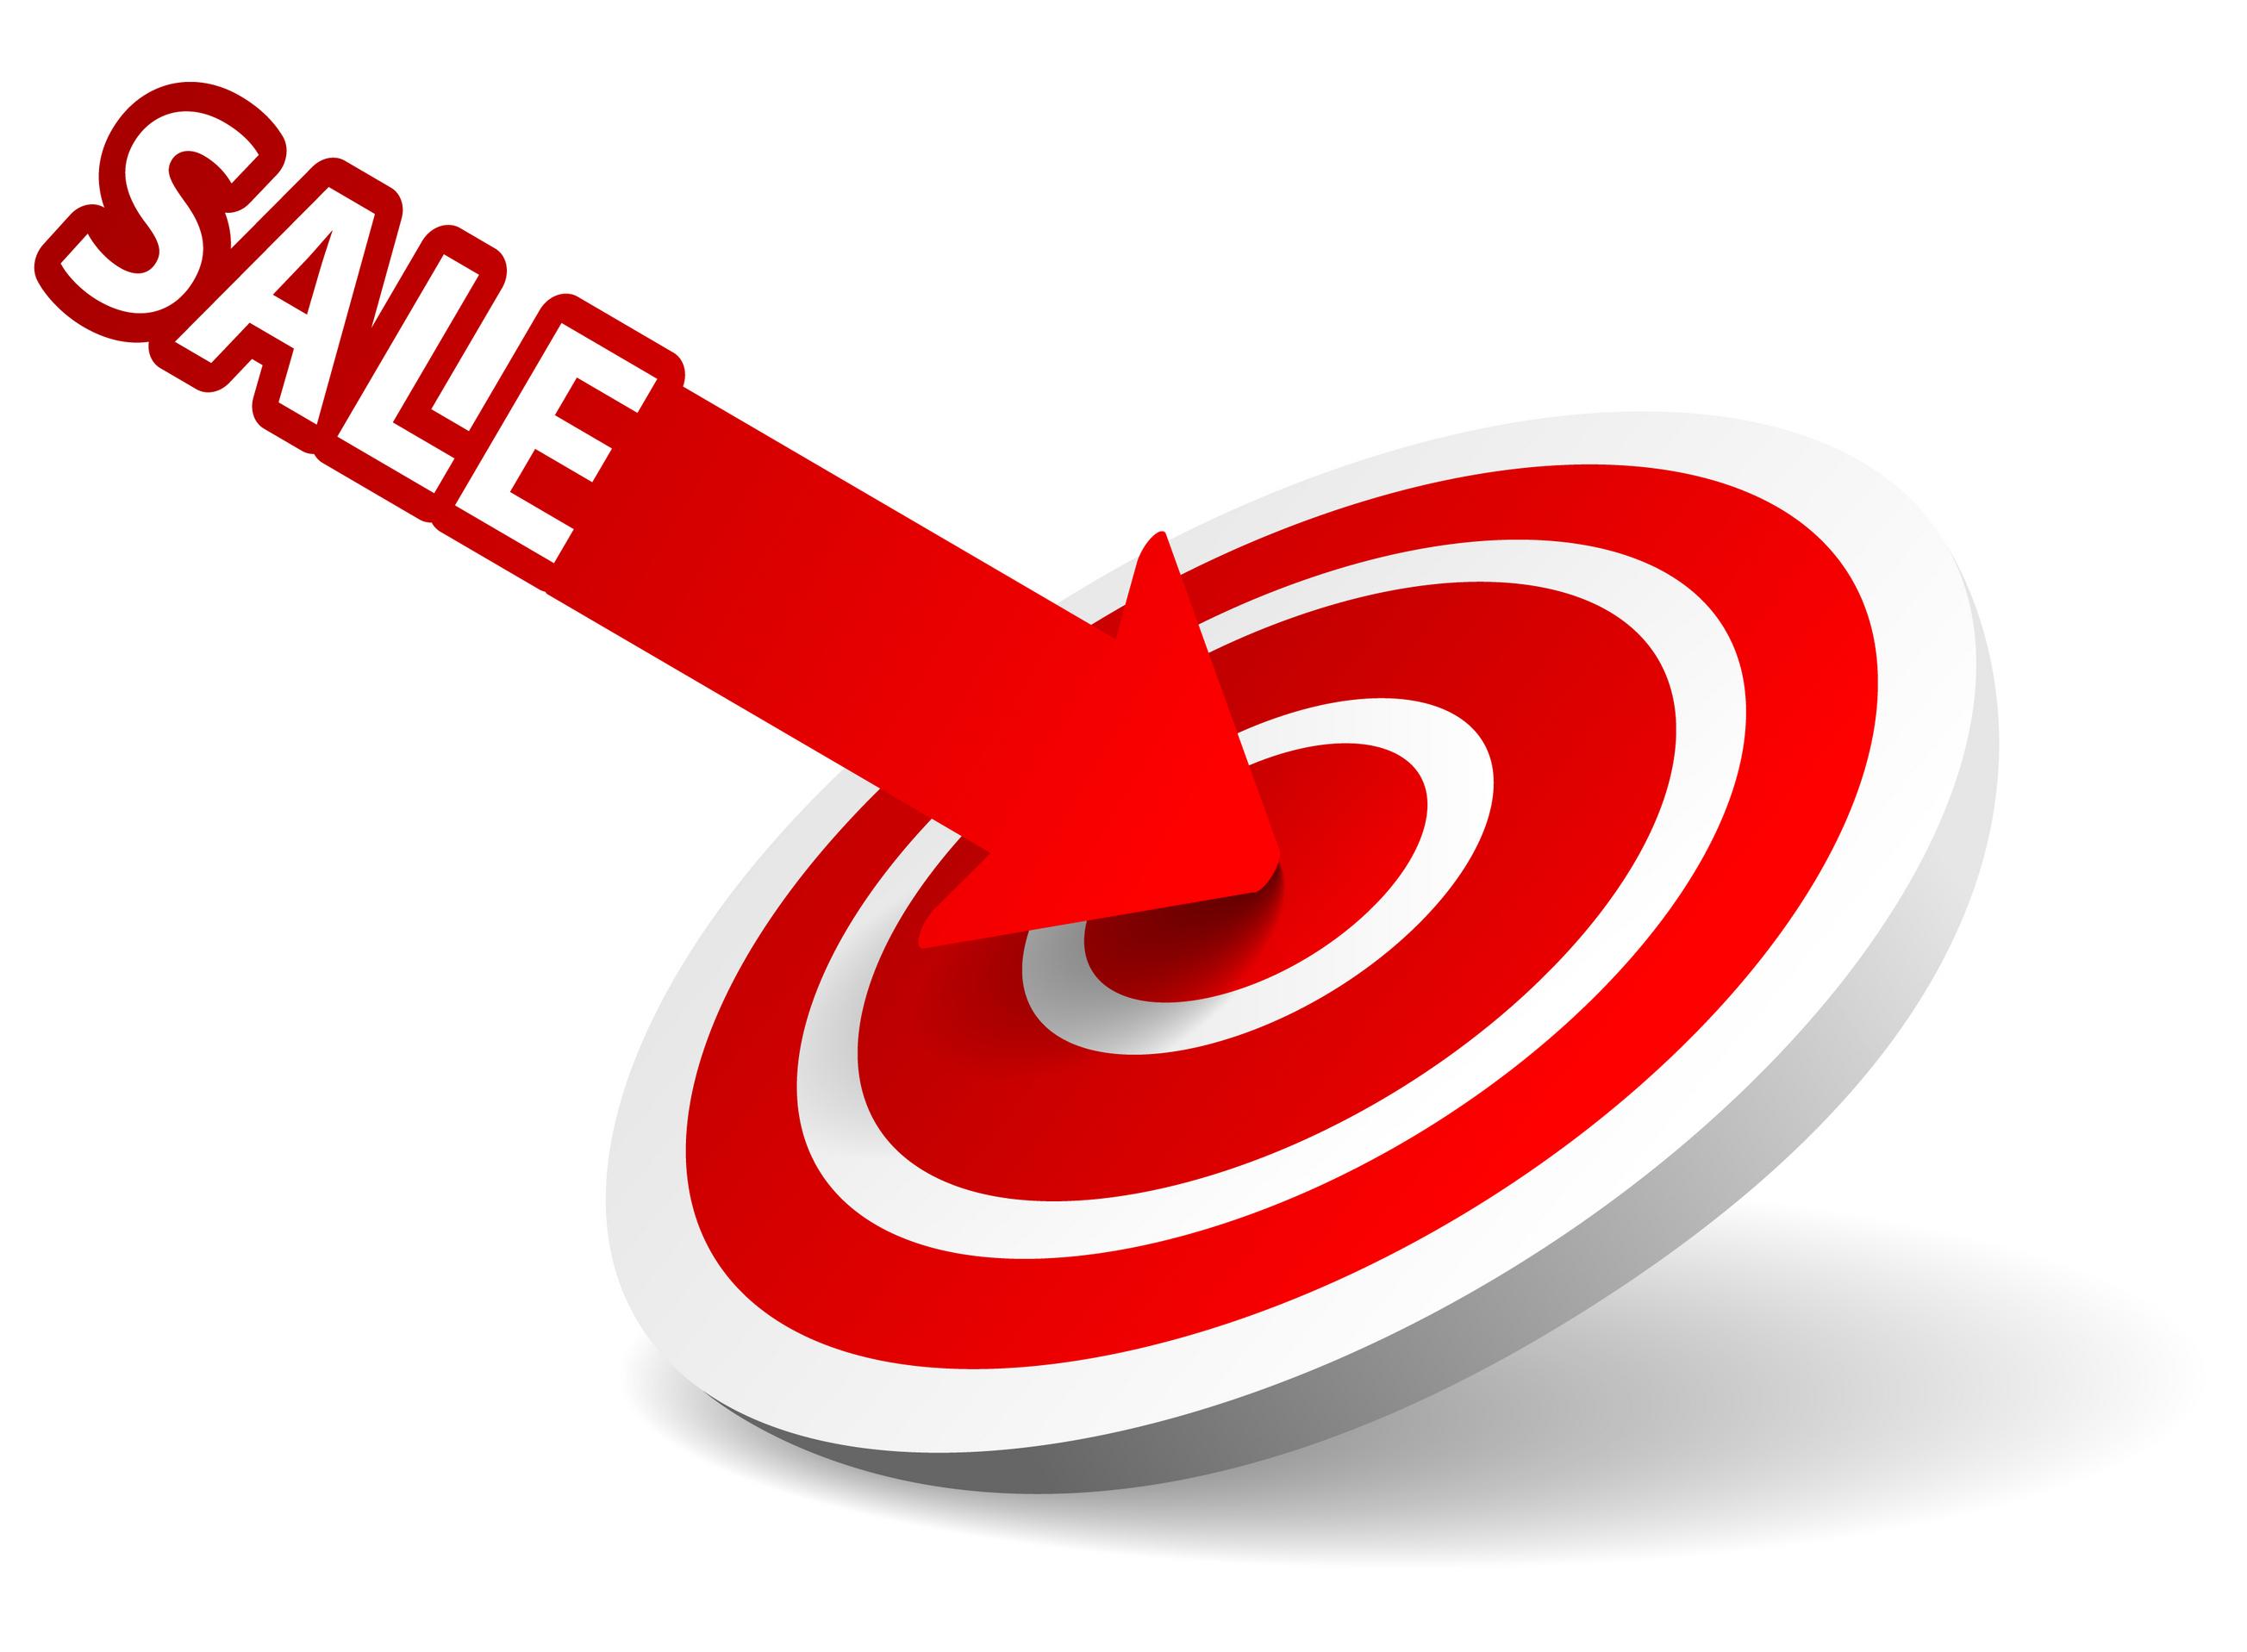 Những kỹ năng bán hàng chuyên nghiệp và hiệu quả ít ai biết